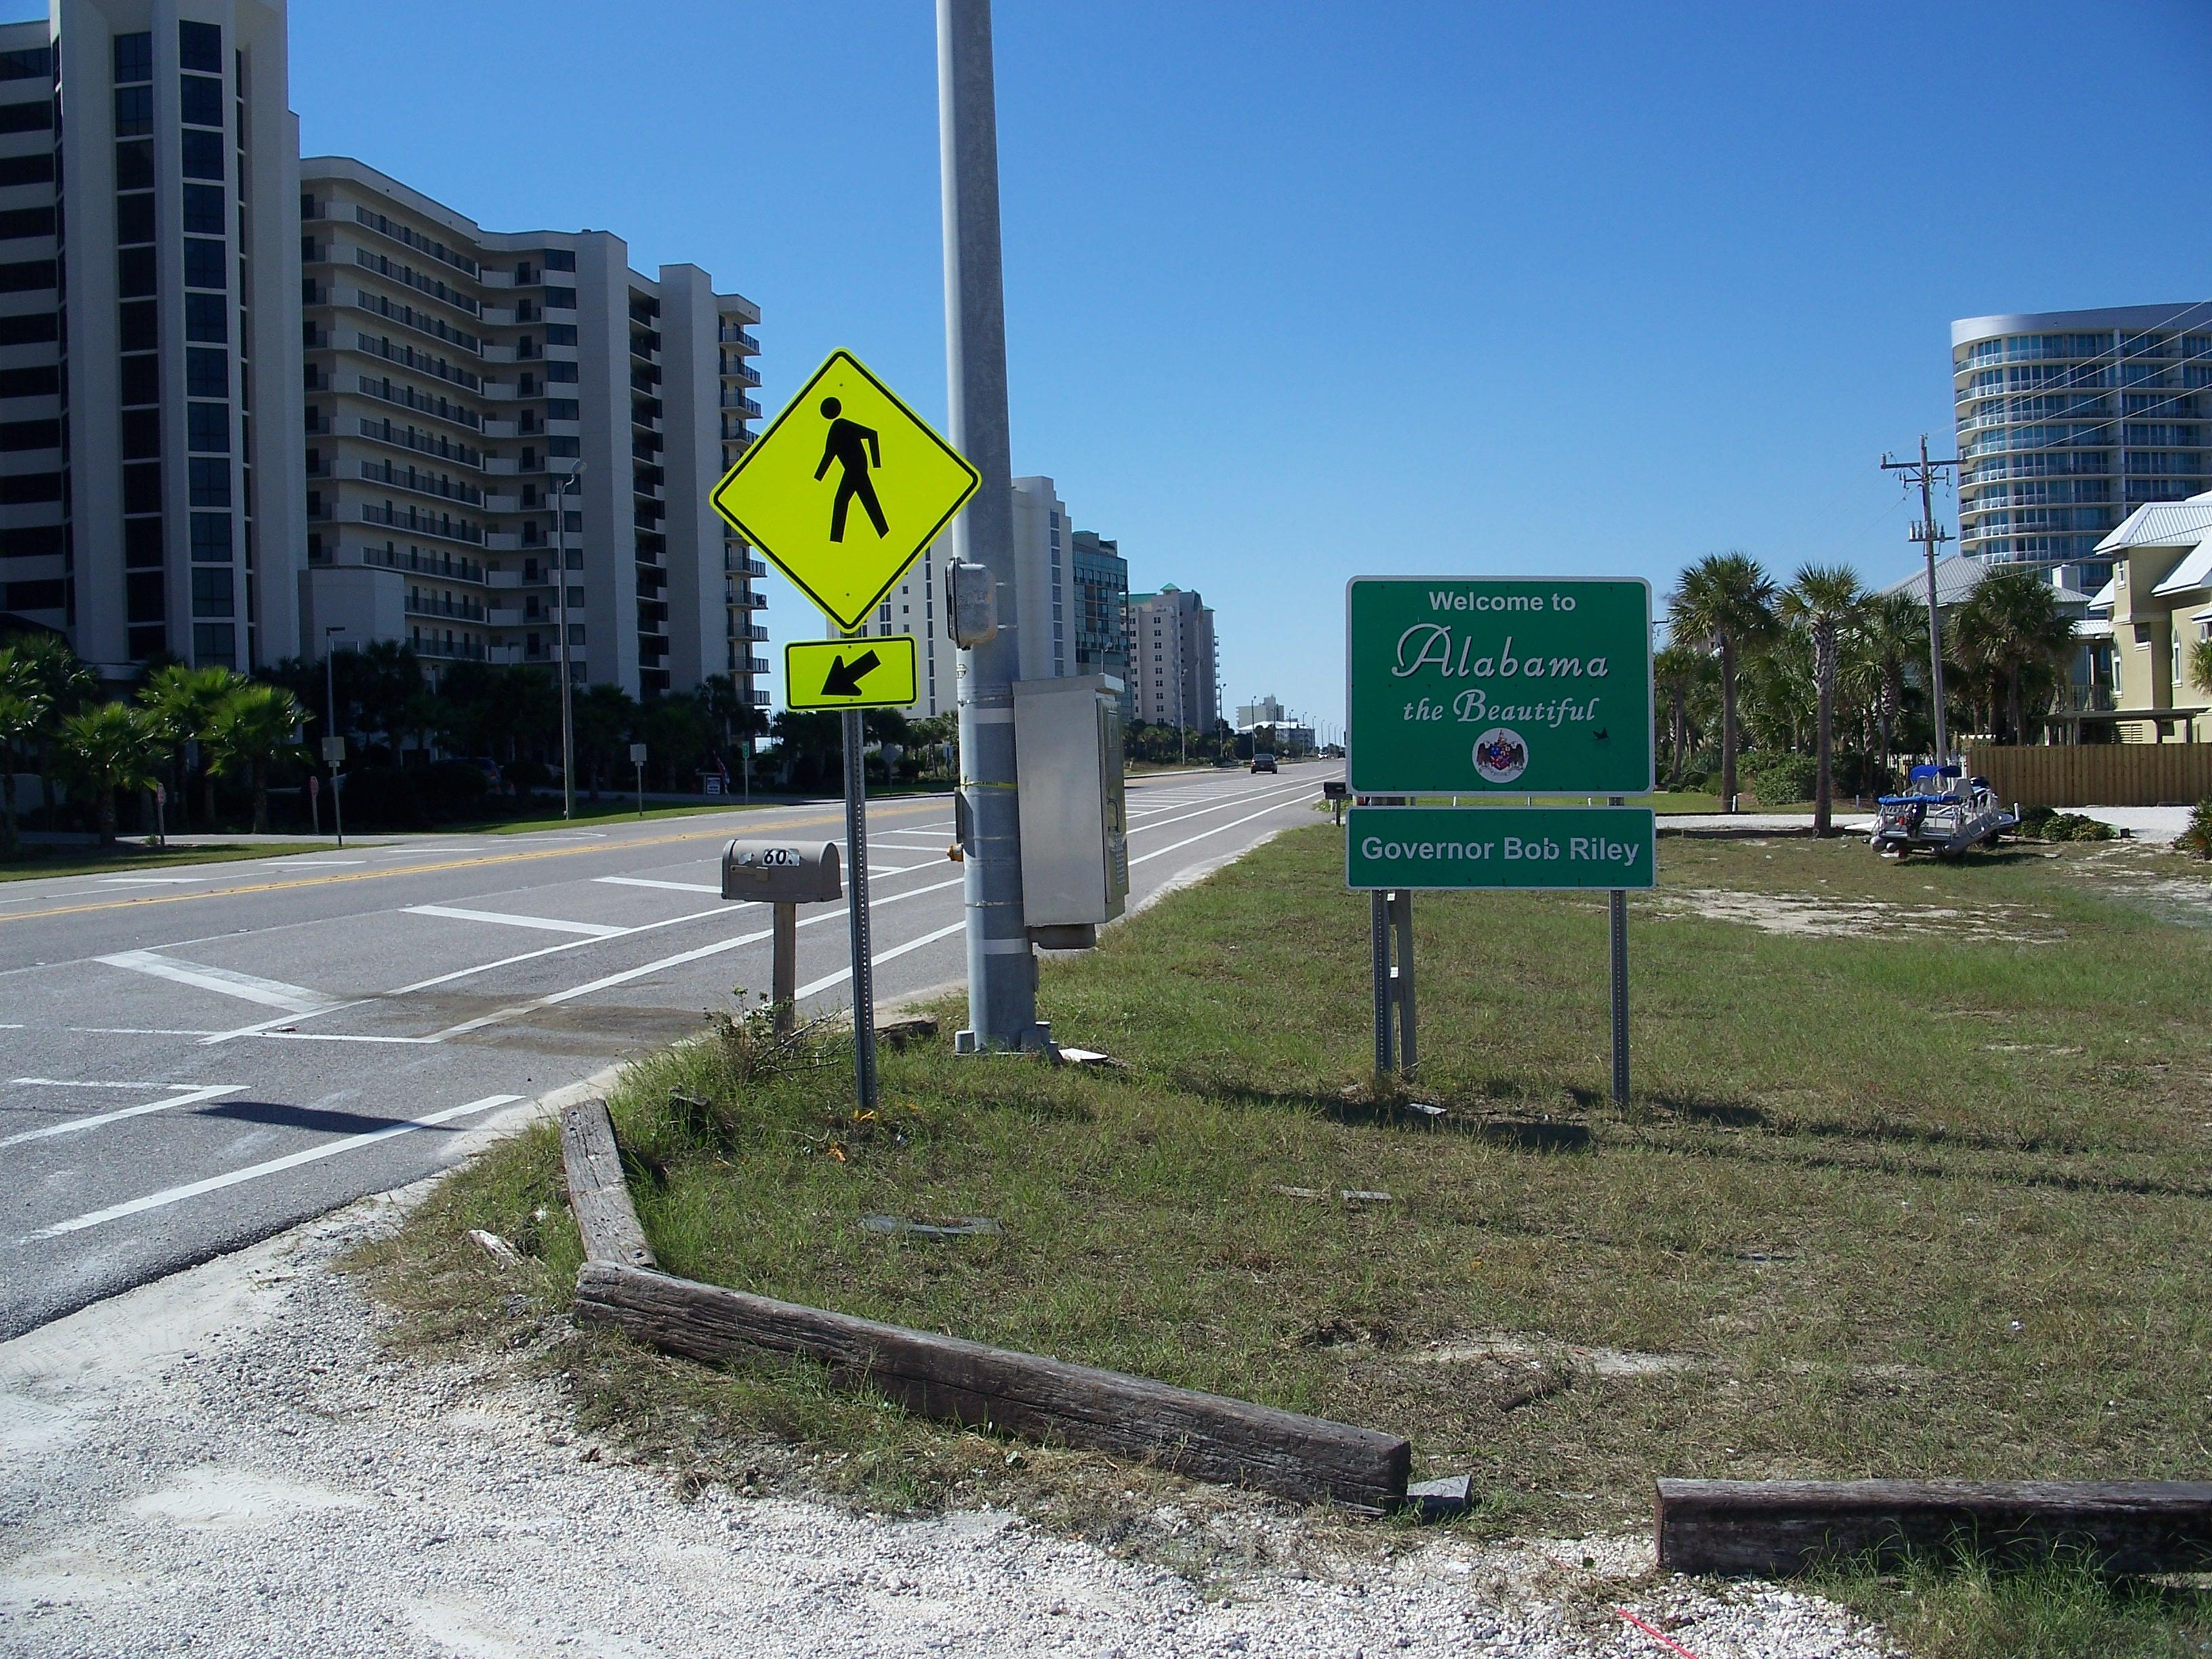 Florida+alabama